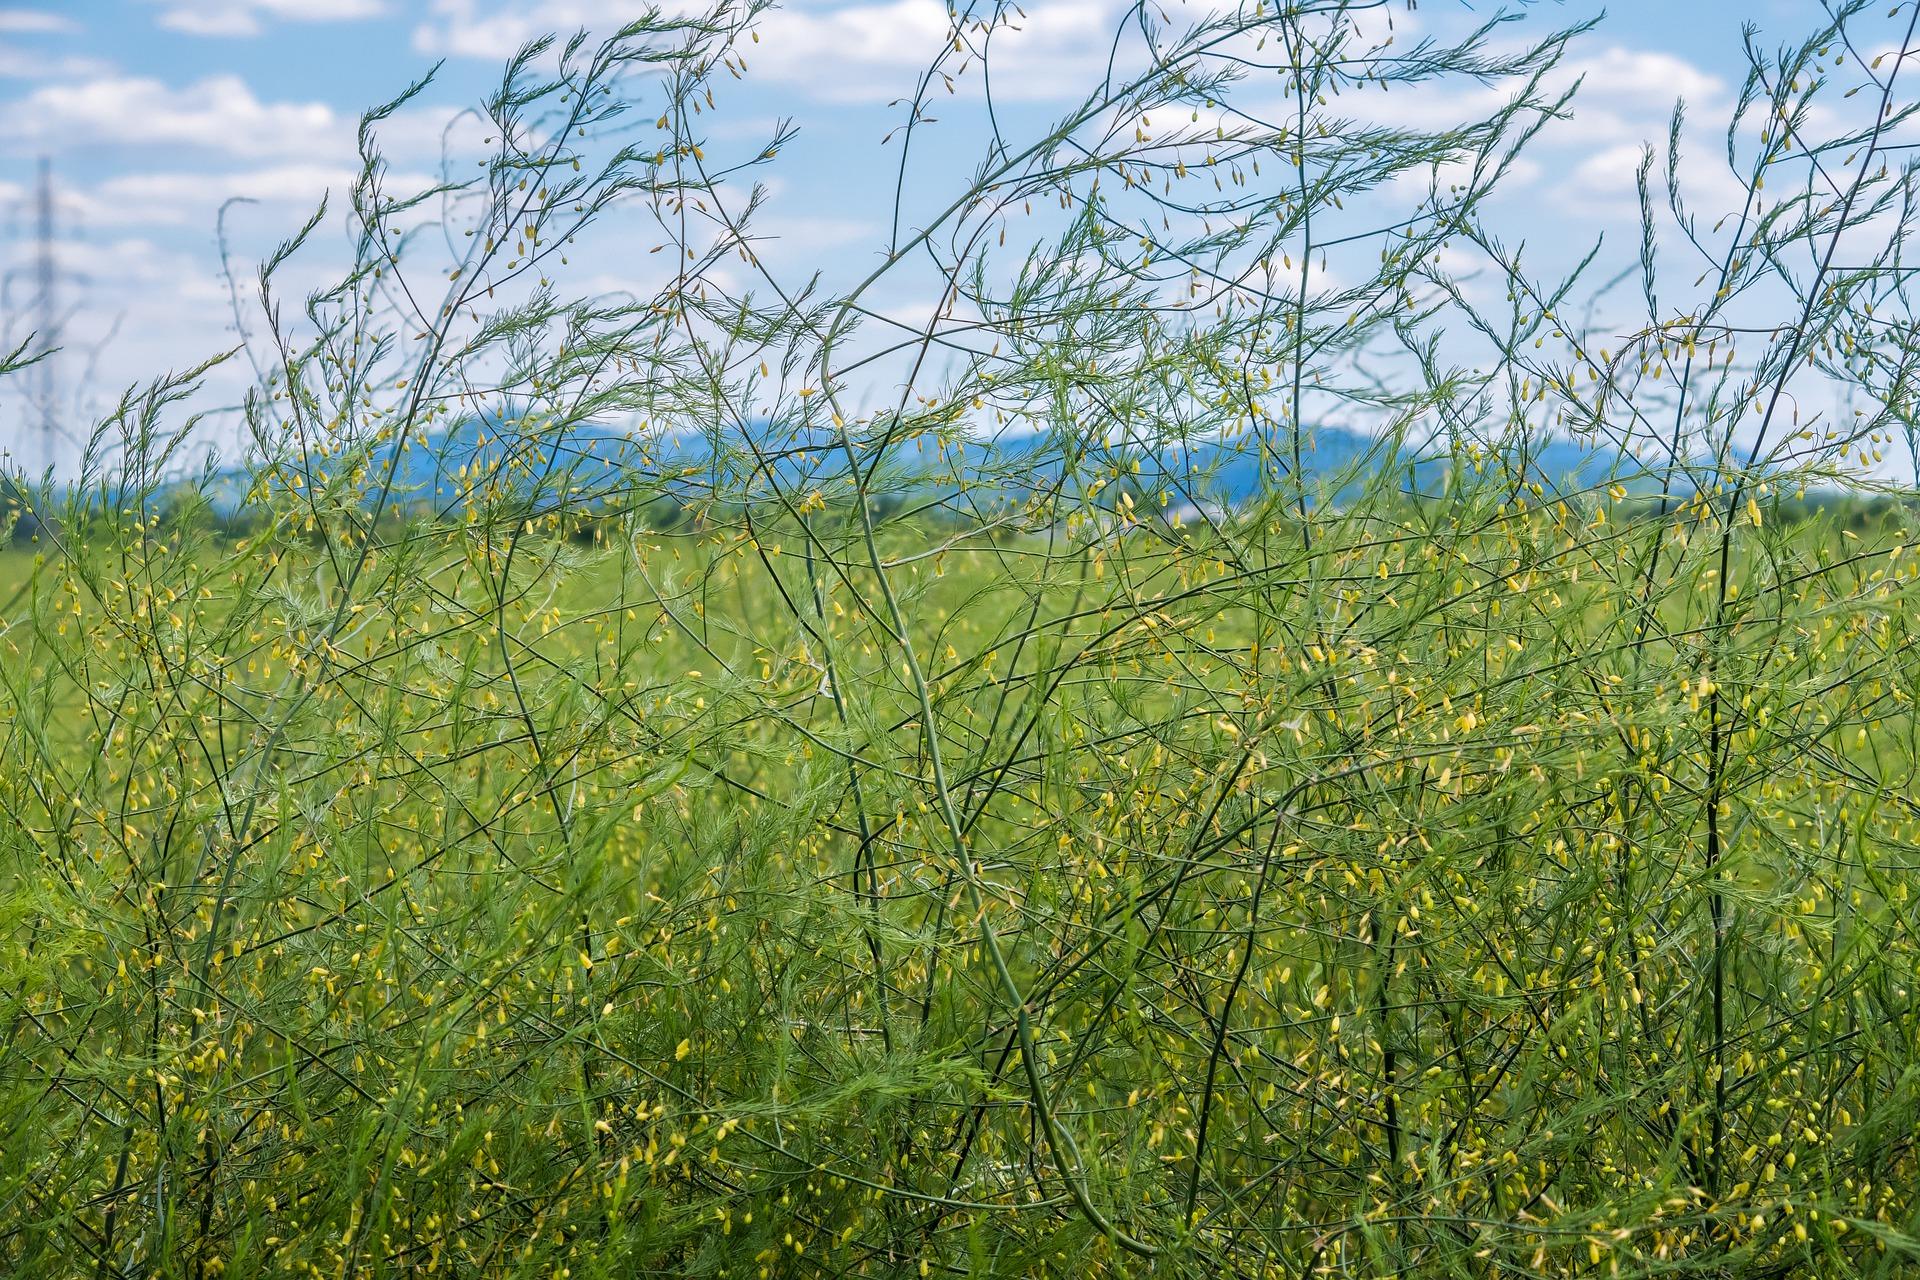 asparagus-plant-5242166_1920